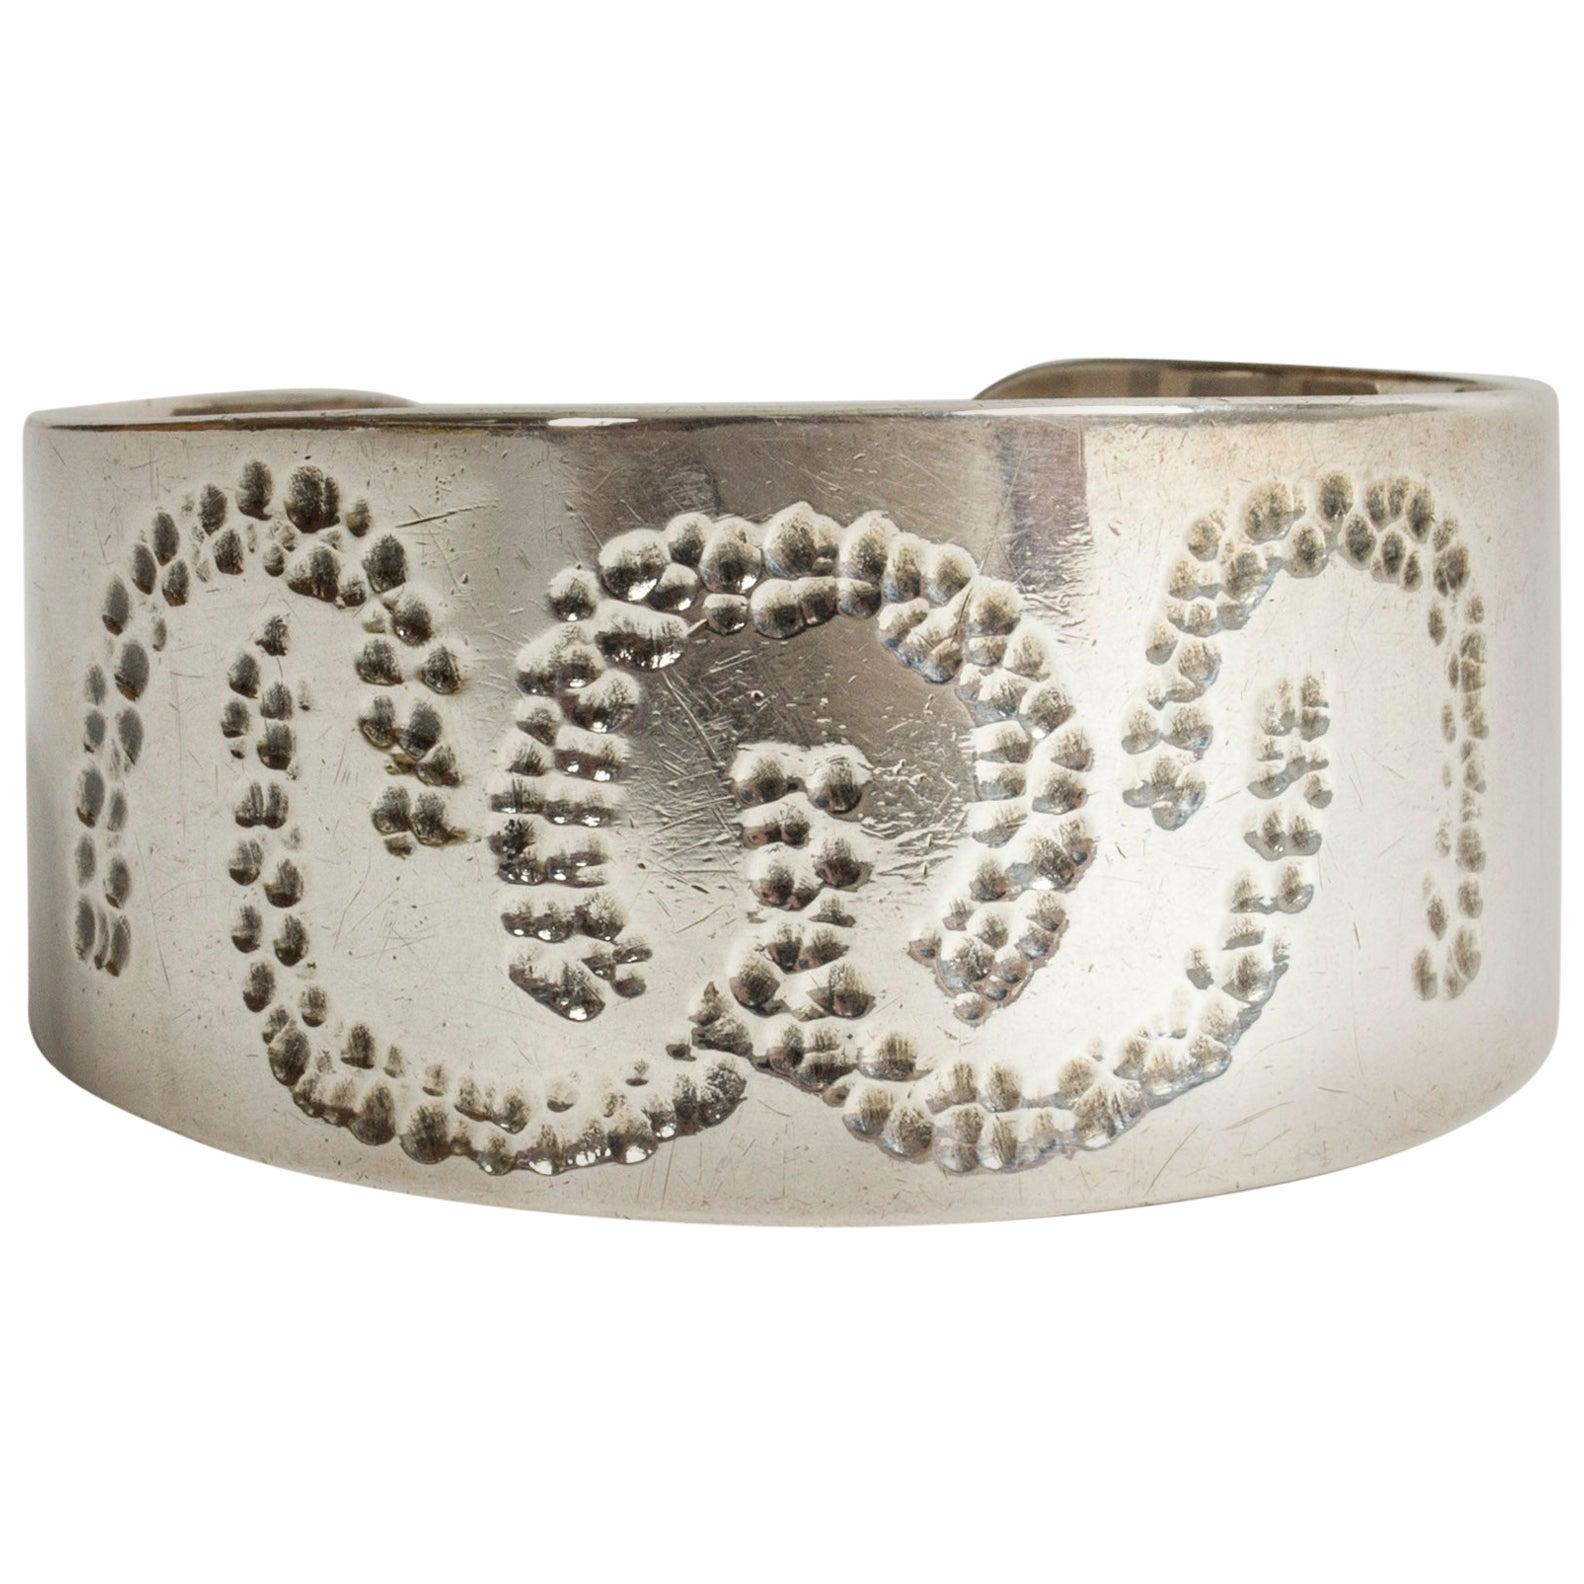 Silver Bracelet from Atelier Borgila, Sweden, 1977